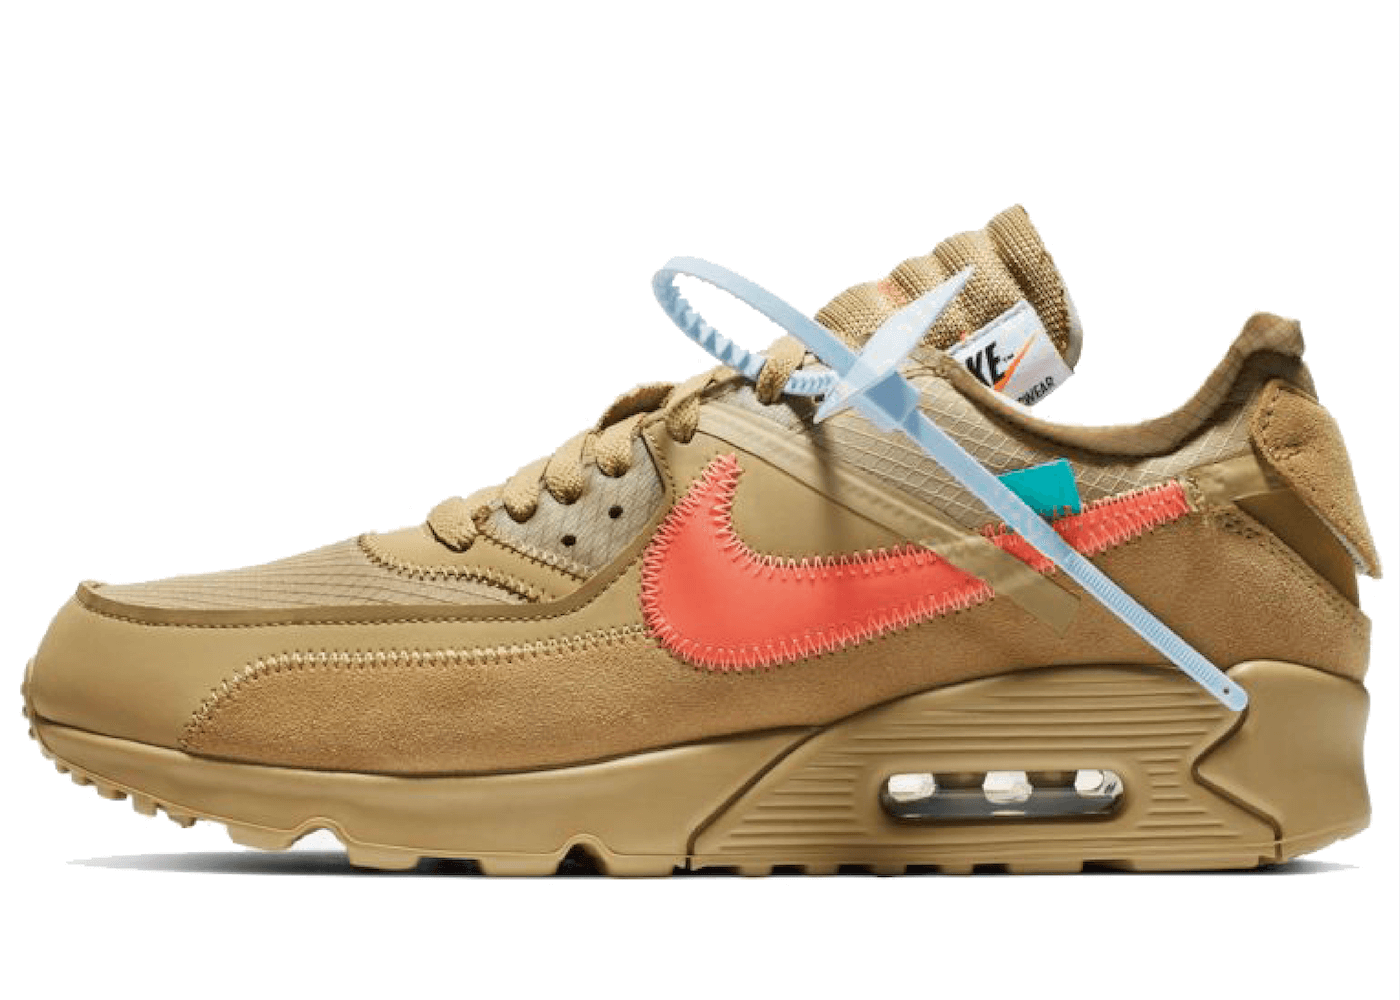 Off White × Nike Air Max 90 Desert Oreの写真